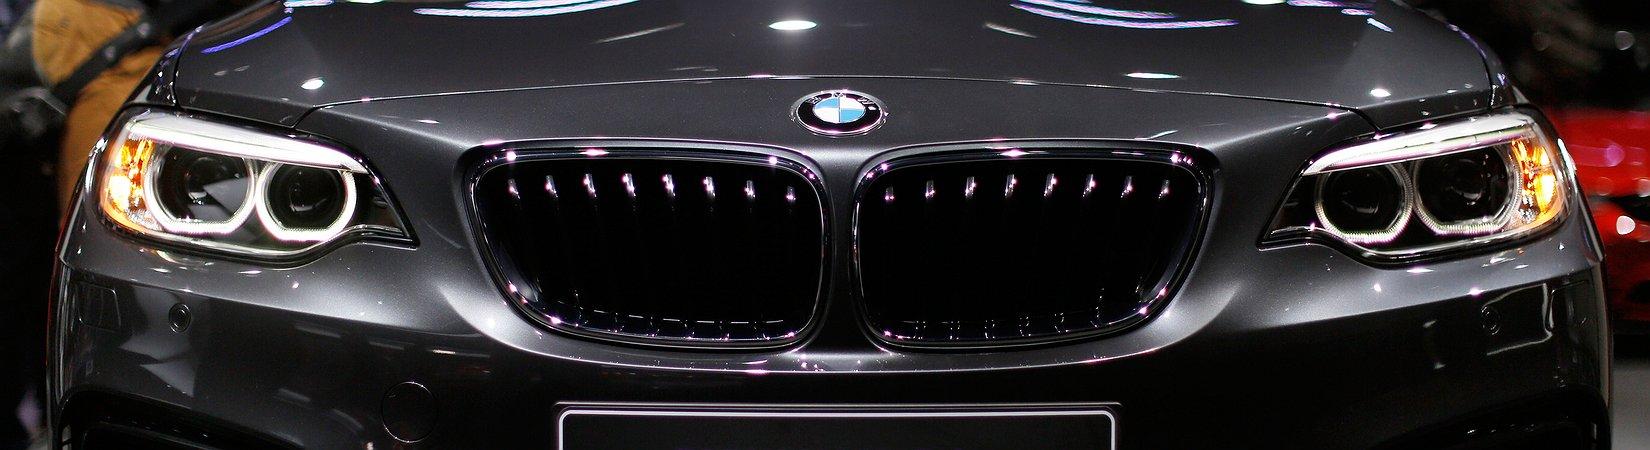 BMW in der Sackgasse